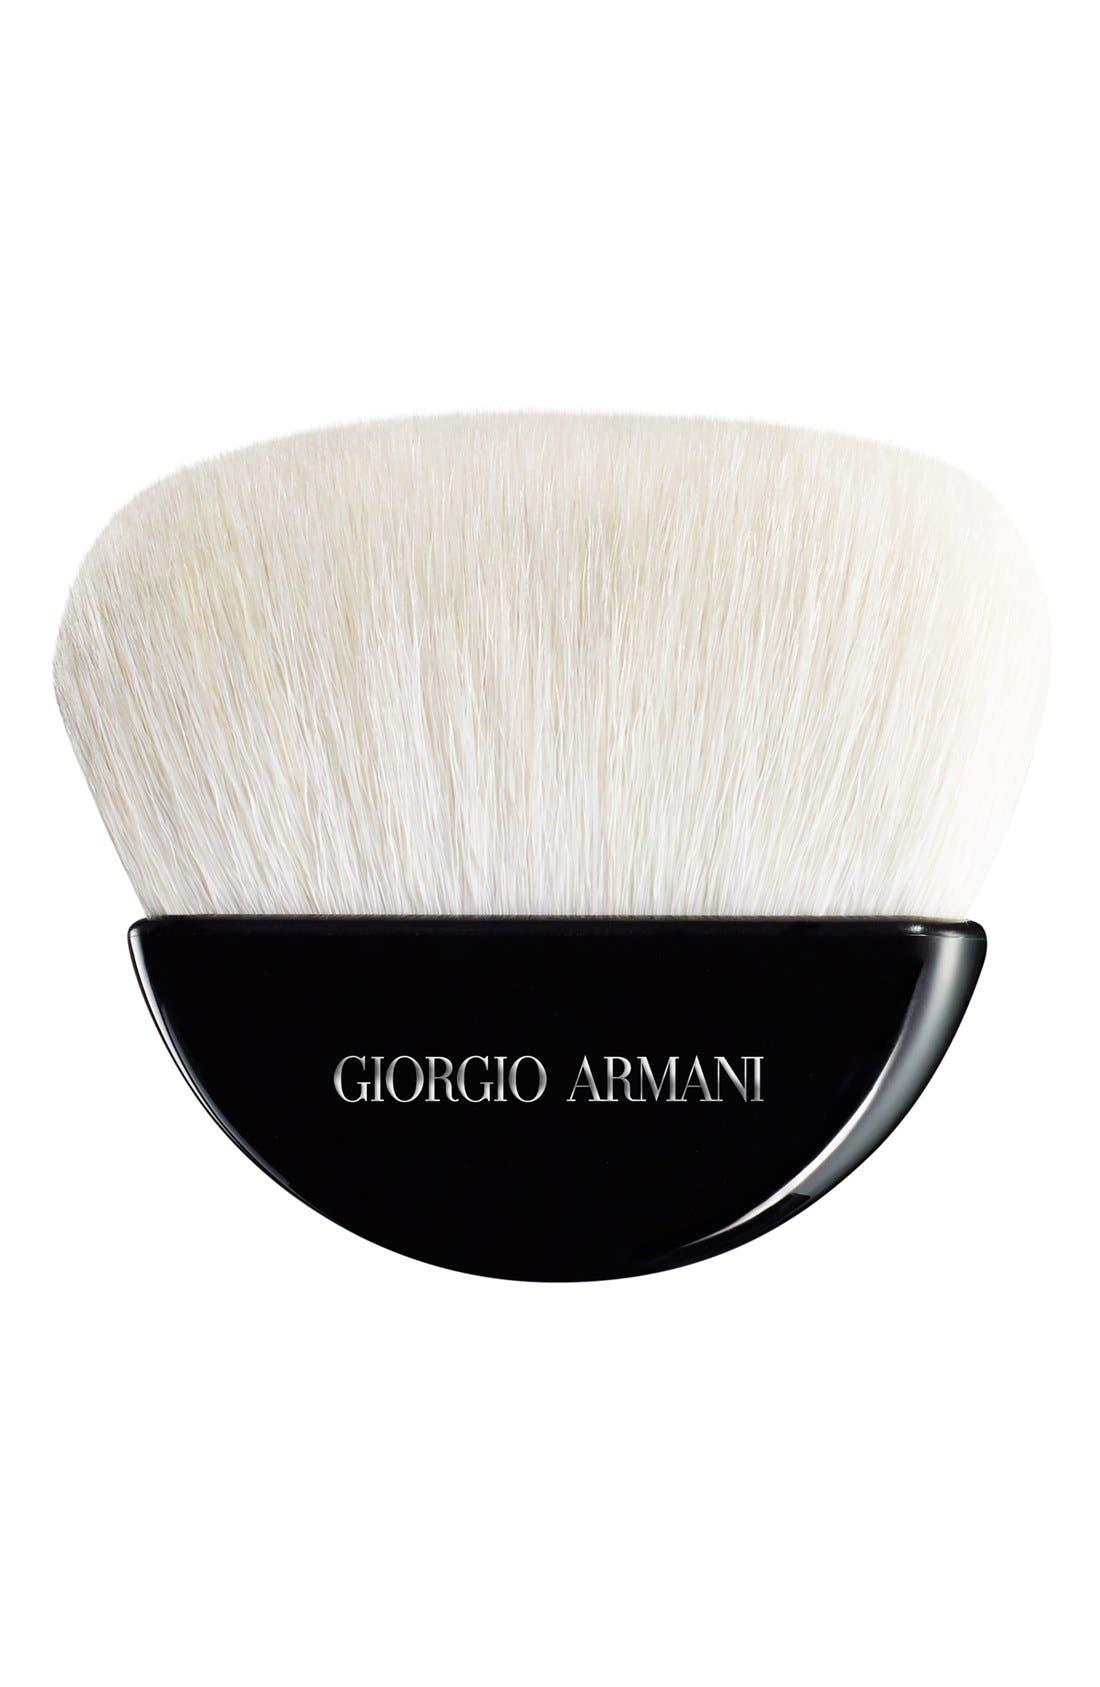 Giorgio Armani 'Maestro' Sculpting Powder Brush